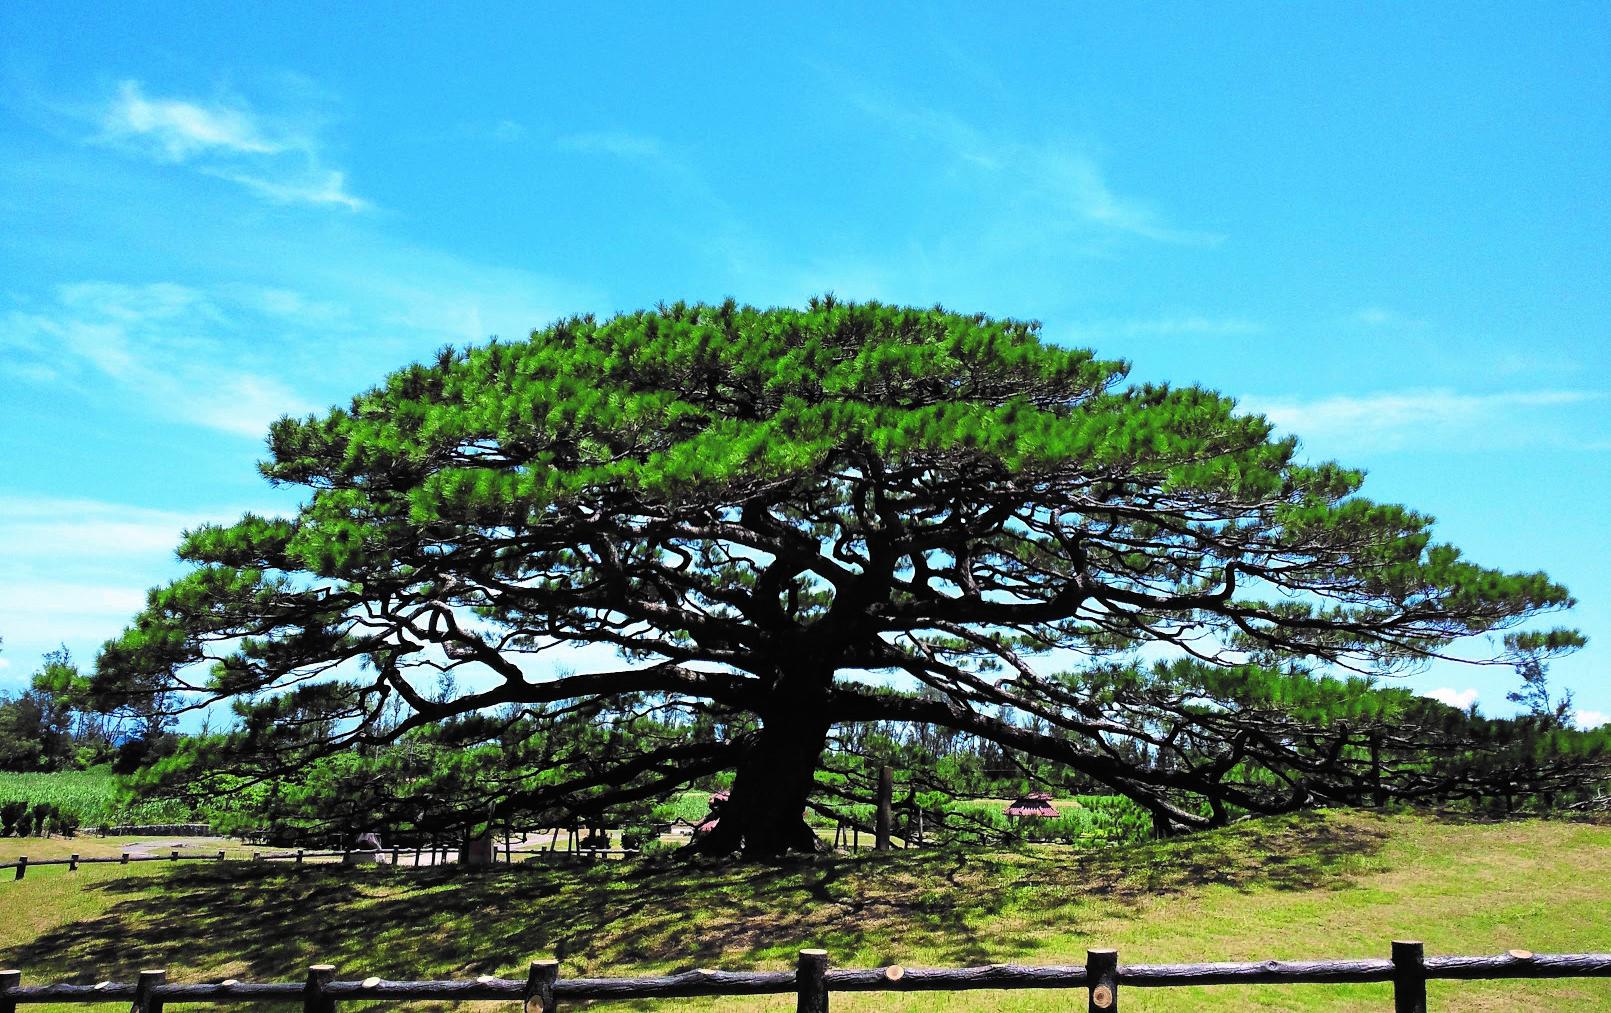 沖縄県の二大名松として有名な念頭平松